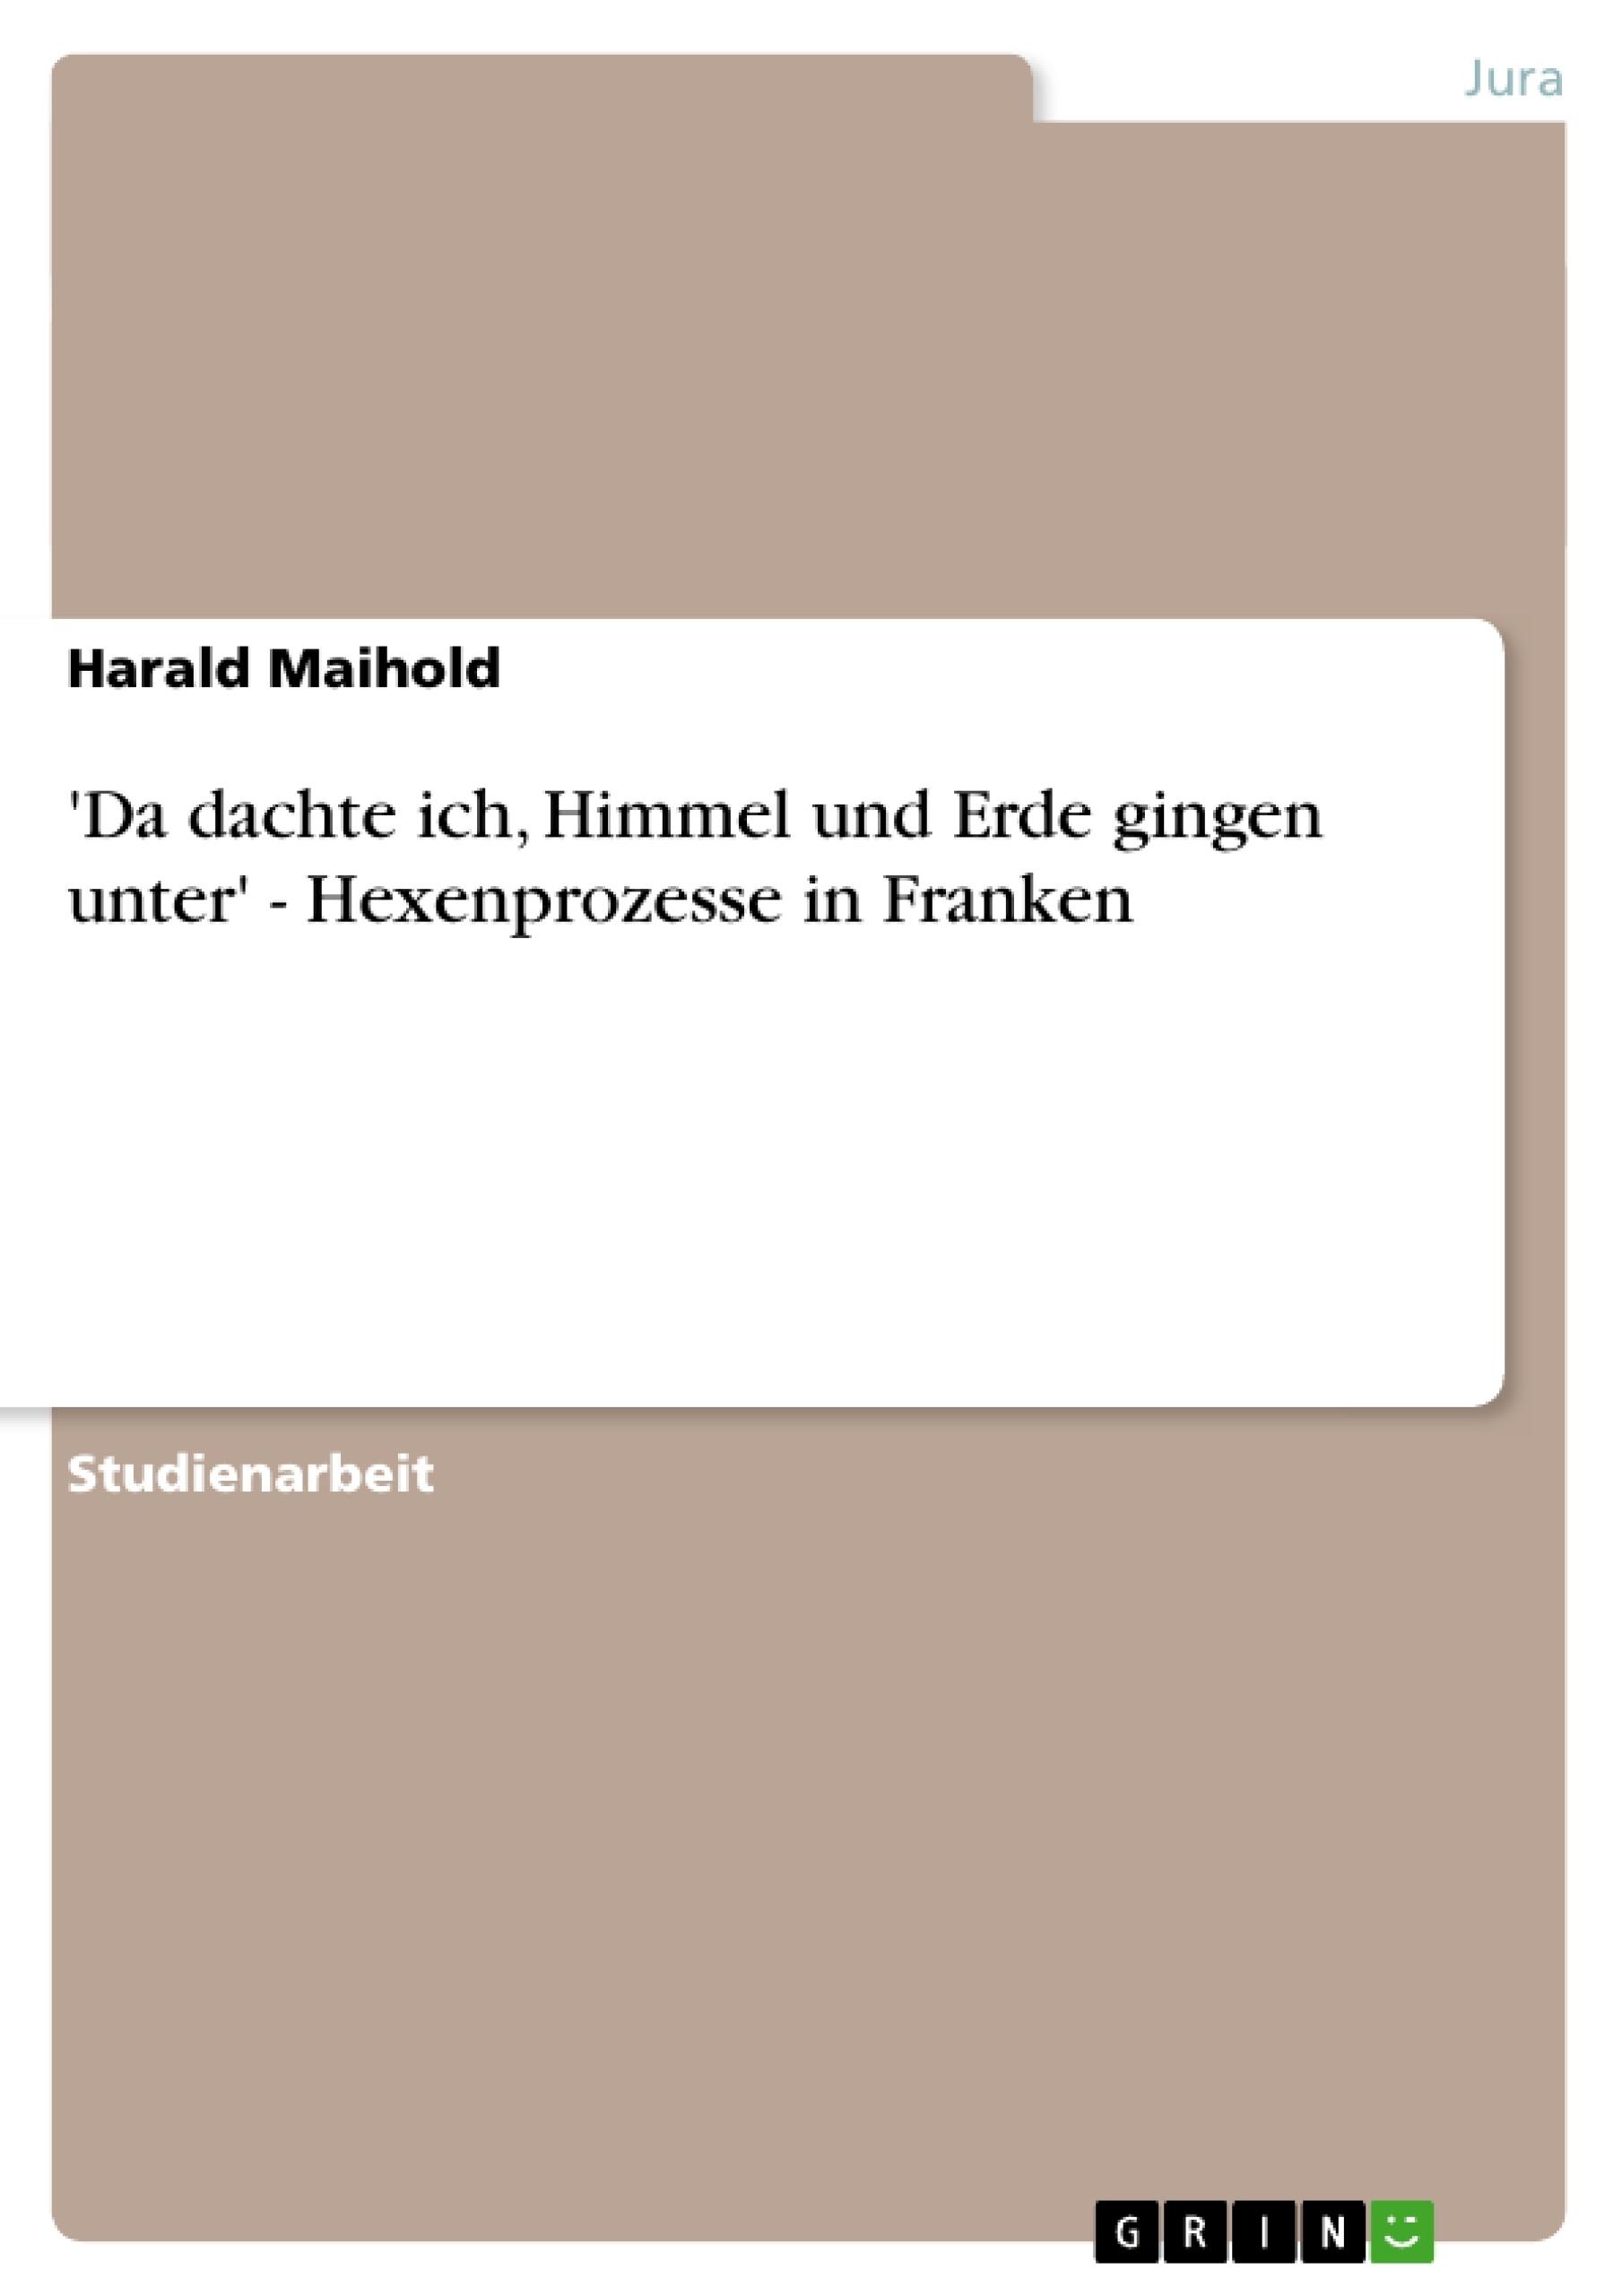 Titel: 'Da dachte ich, Himmel und Erde gingen unter' - Hexenprozesse in Franken